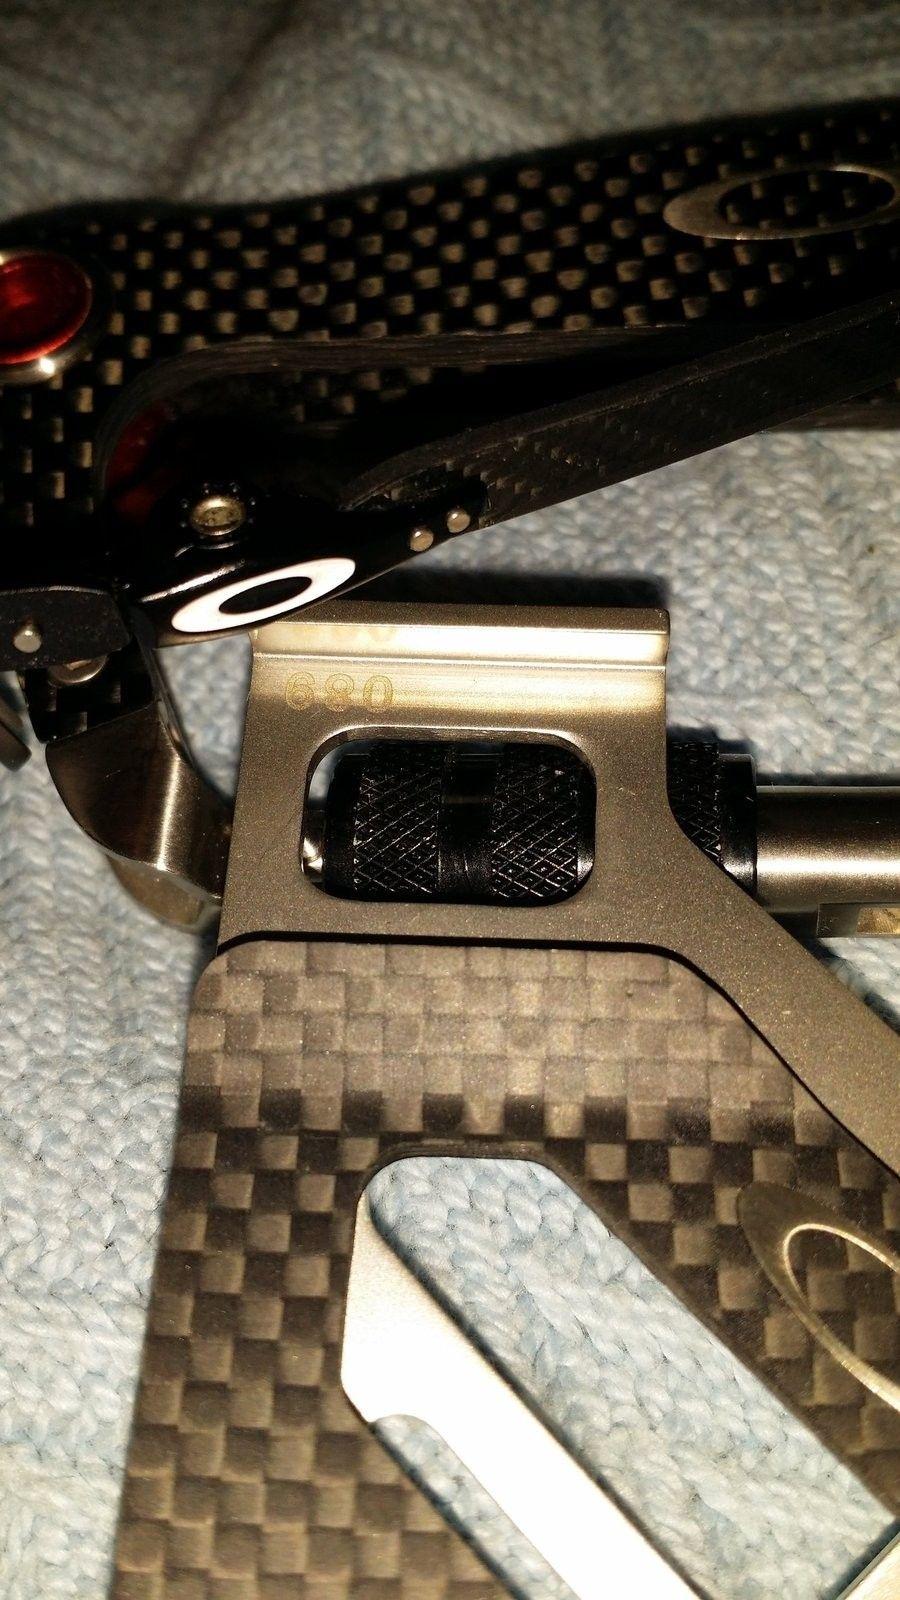 New carbon fiber clip - uploadfromtaptalk1432443100038.jpg